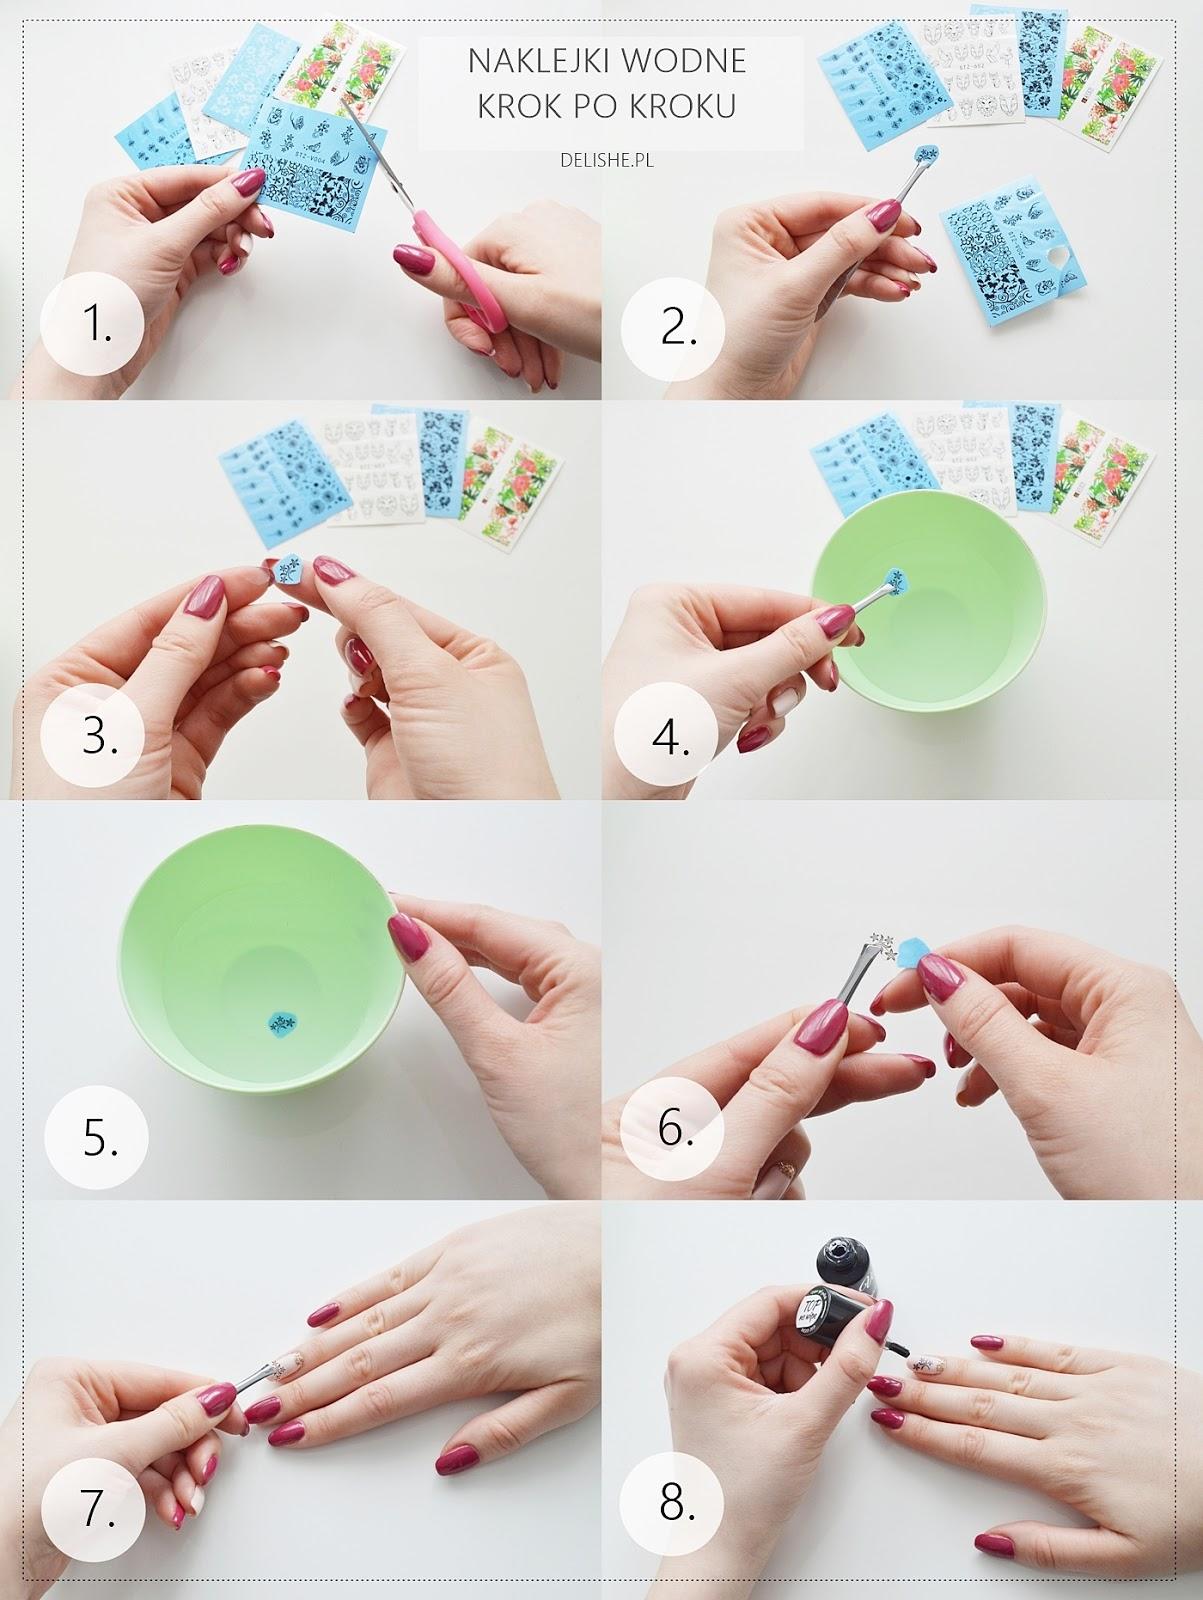 jak przykleić naklejki wodne na paznokcie krok po kroku